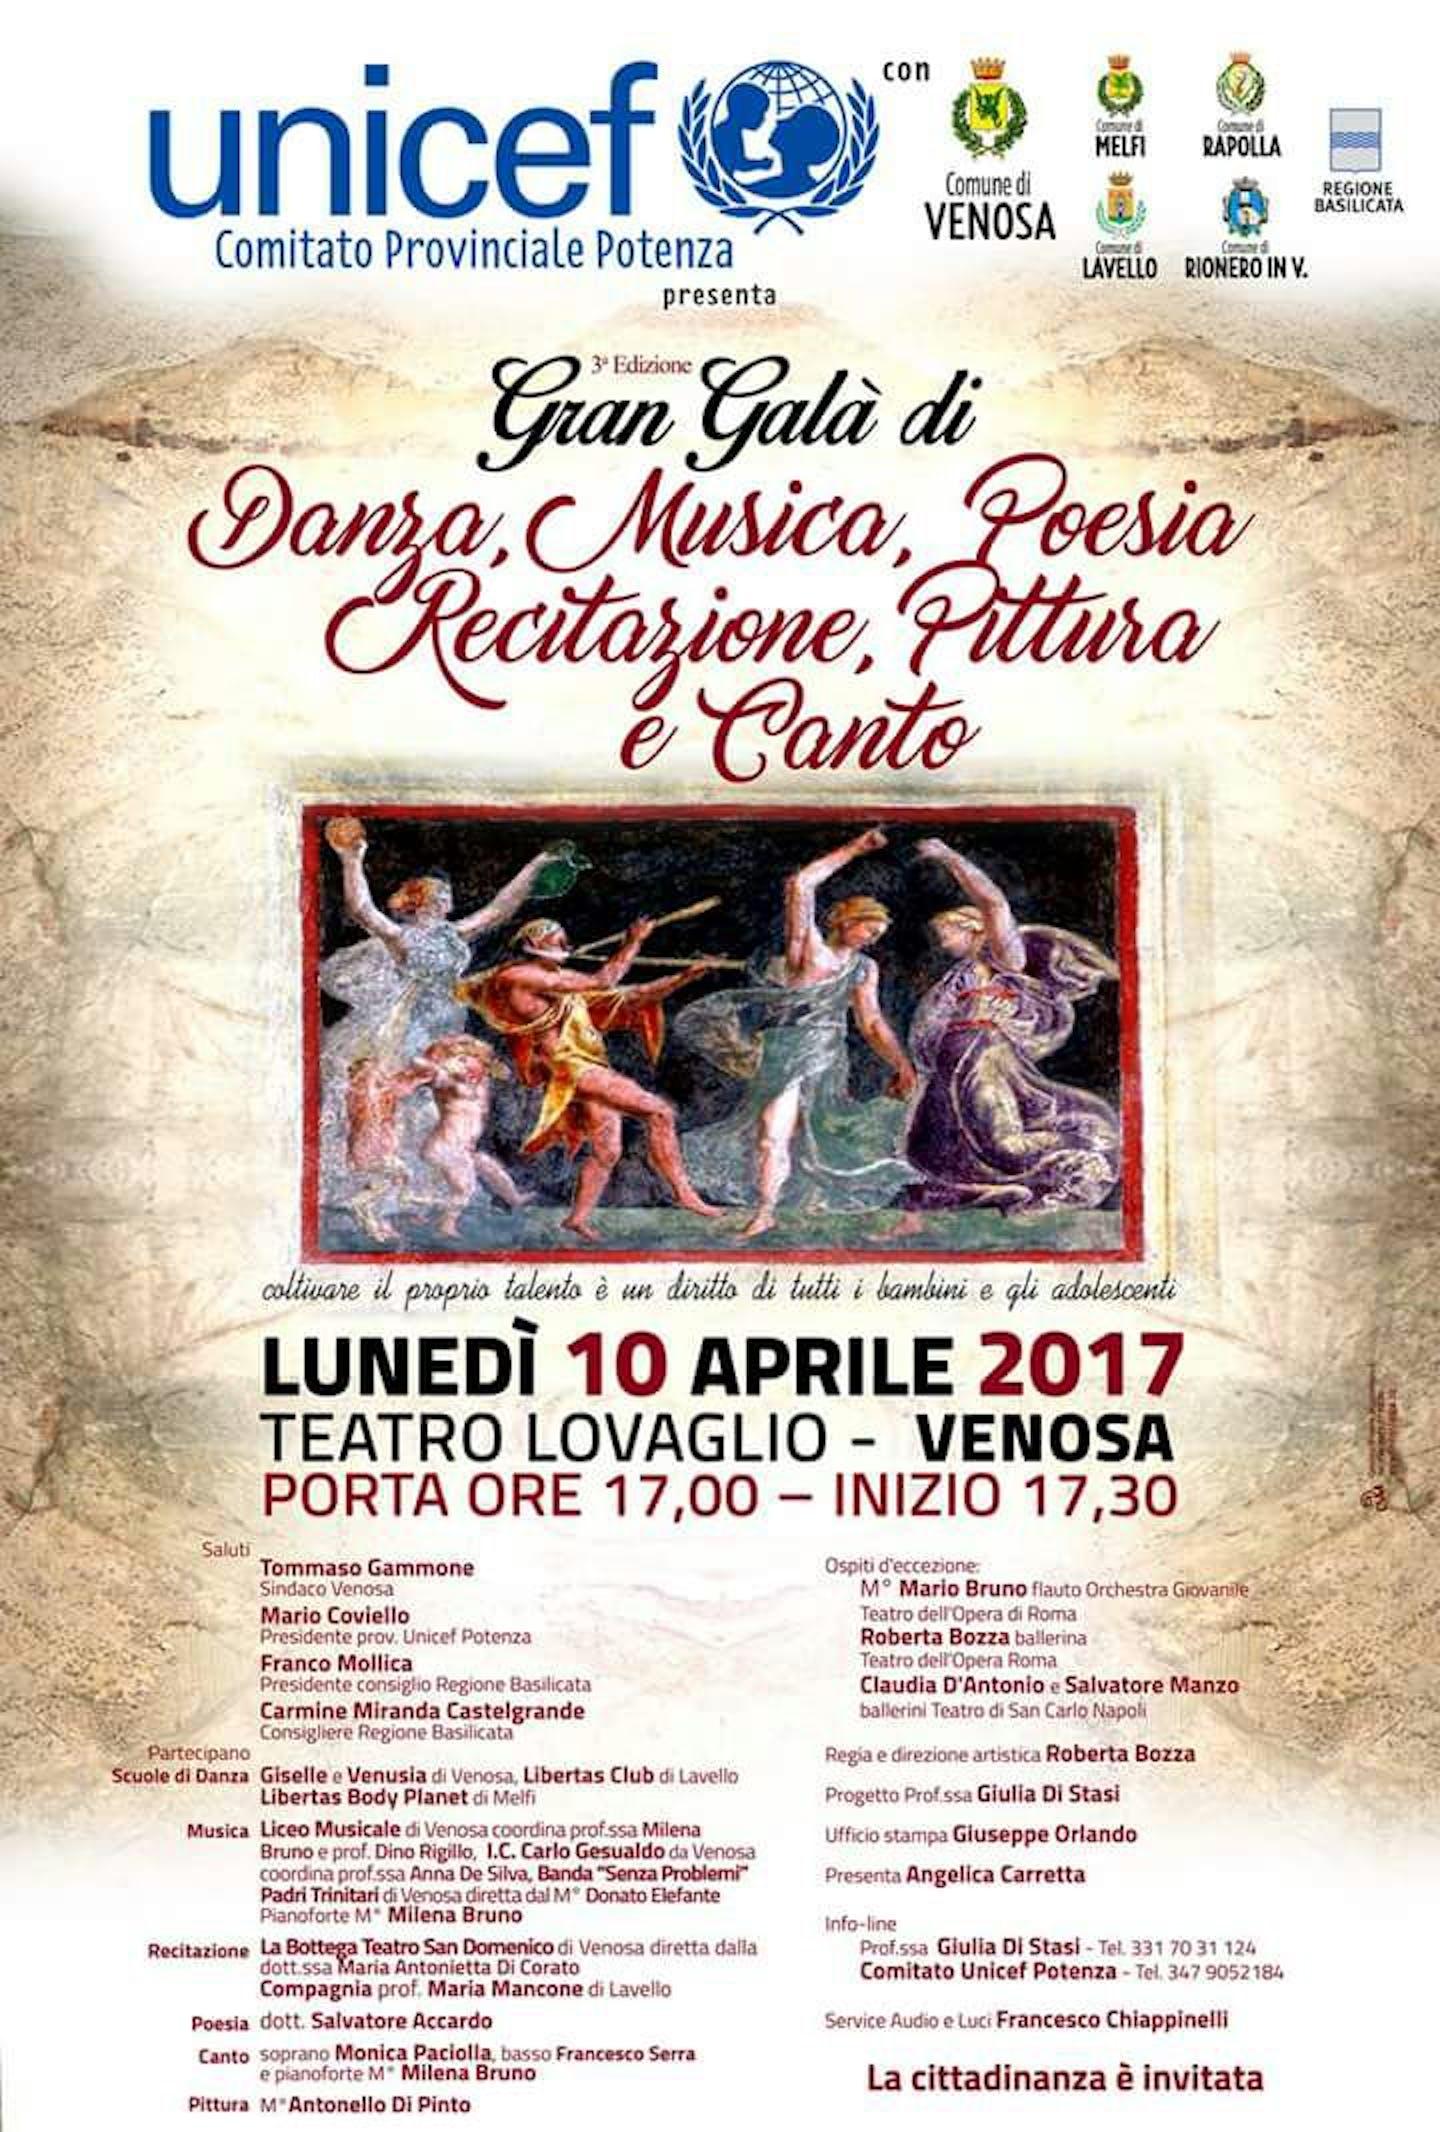 A Venosa il 3° Gran Galà di Danza, Musica, Poesia, Recitazione, Pittura e Canto per l'UNICEF